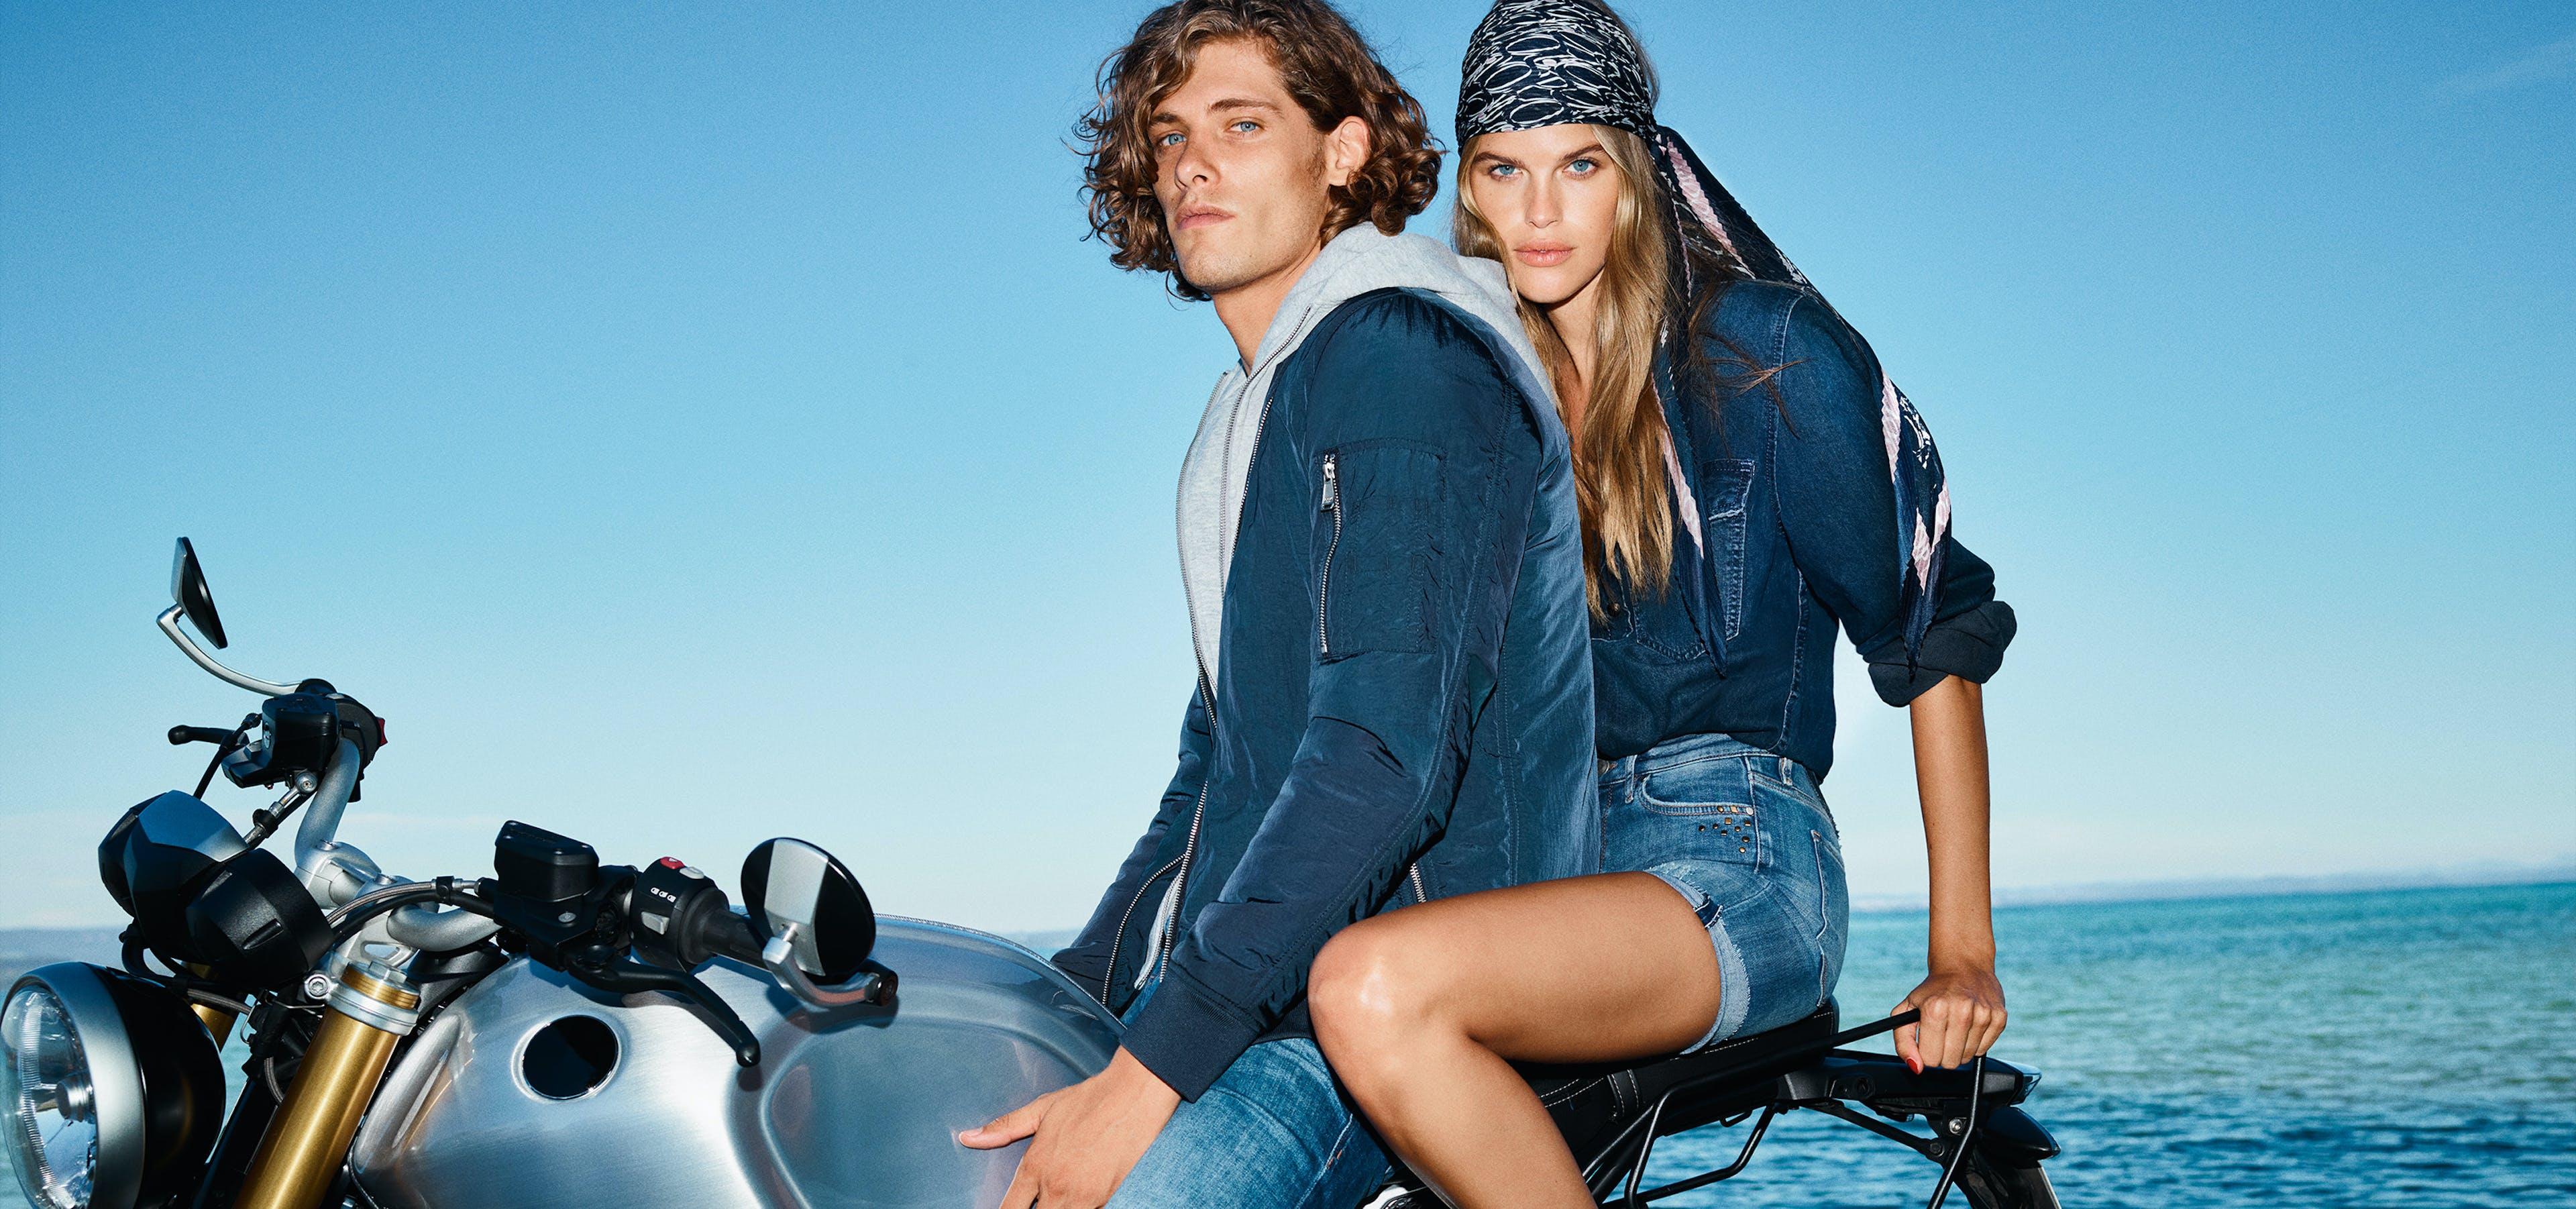 JOOP! Jeans — Mann und Frau auf Motorrad